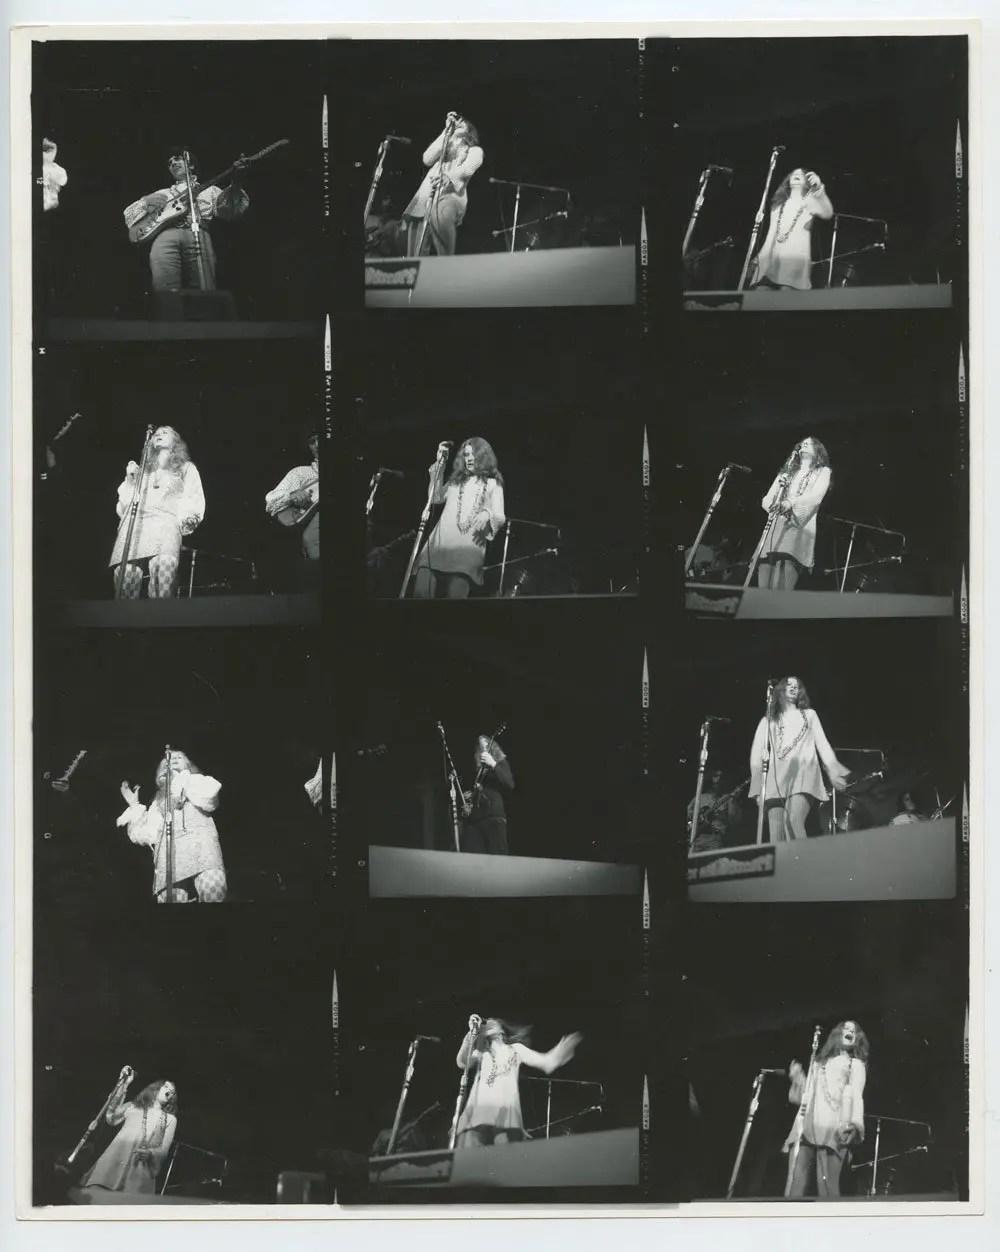 Janis Joplin Photo 1967 Jun 18 Monterey International Pop Music Festival Contact Sheet Original